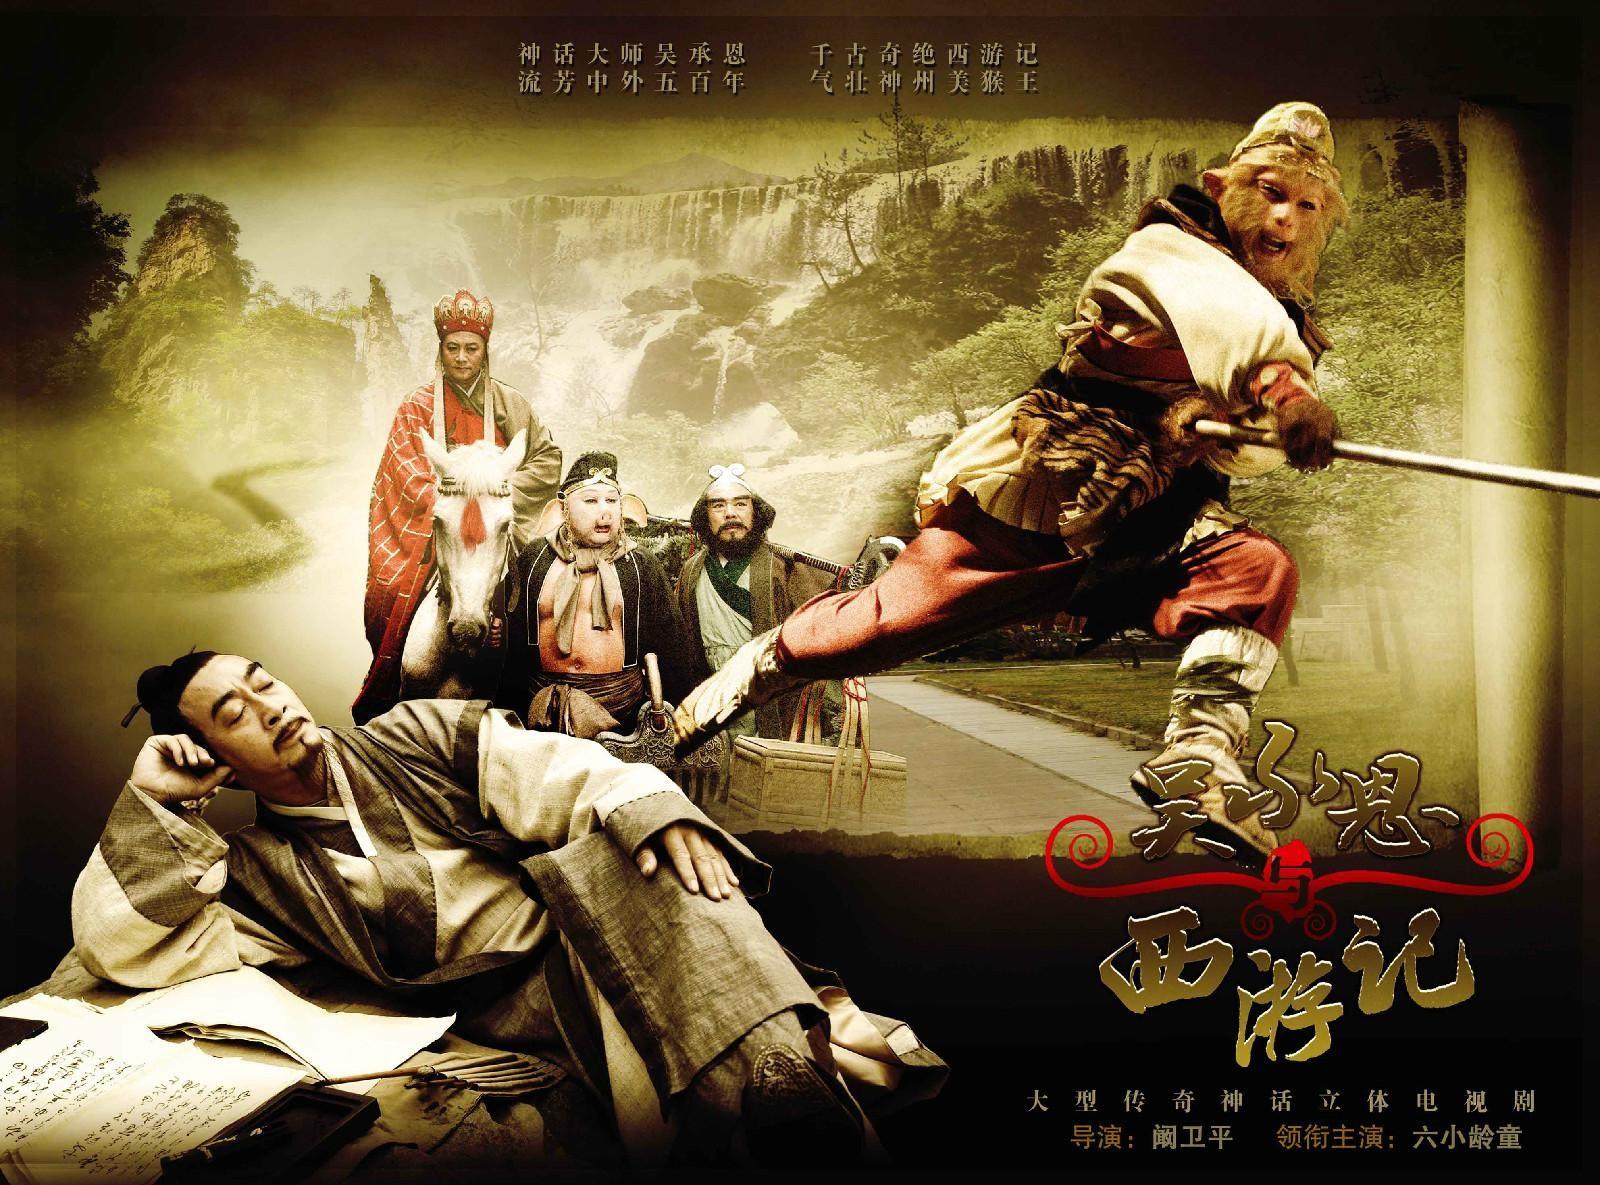 """Dàn diễn viên """"Tây Du Ký"""" khiến công chúng Trung Quốc... """"phát ngấy"""" - Ảnh 2."""